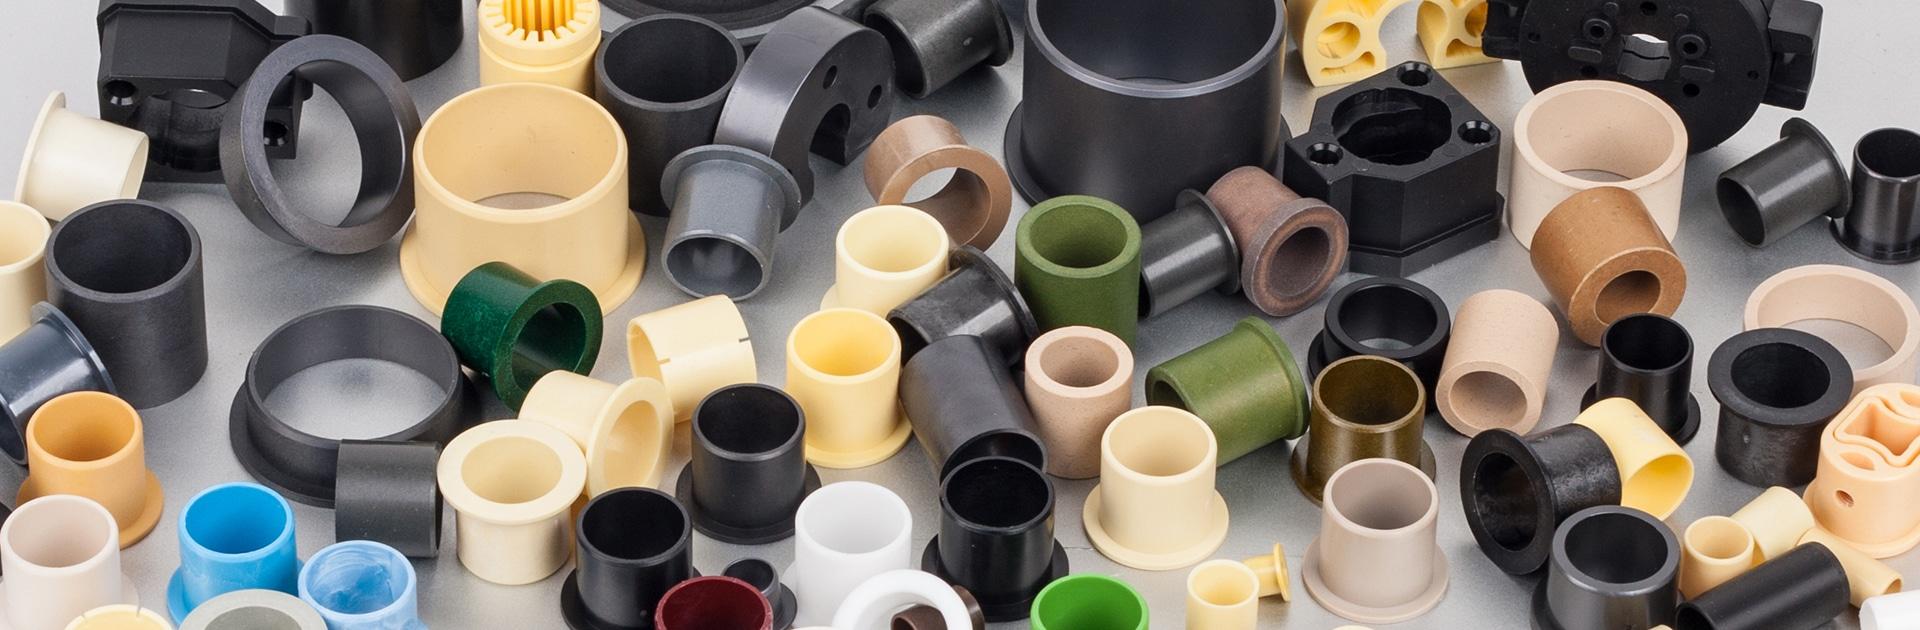 Plastic Linear Bearings